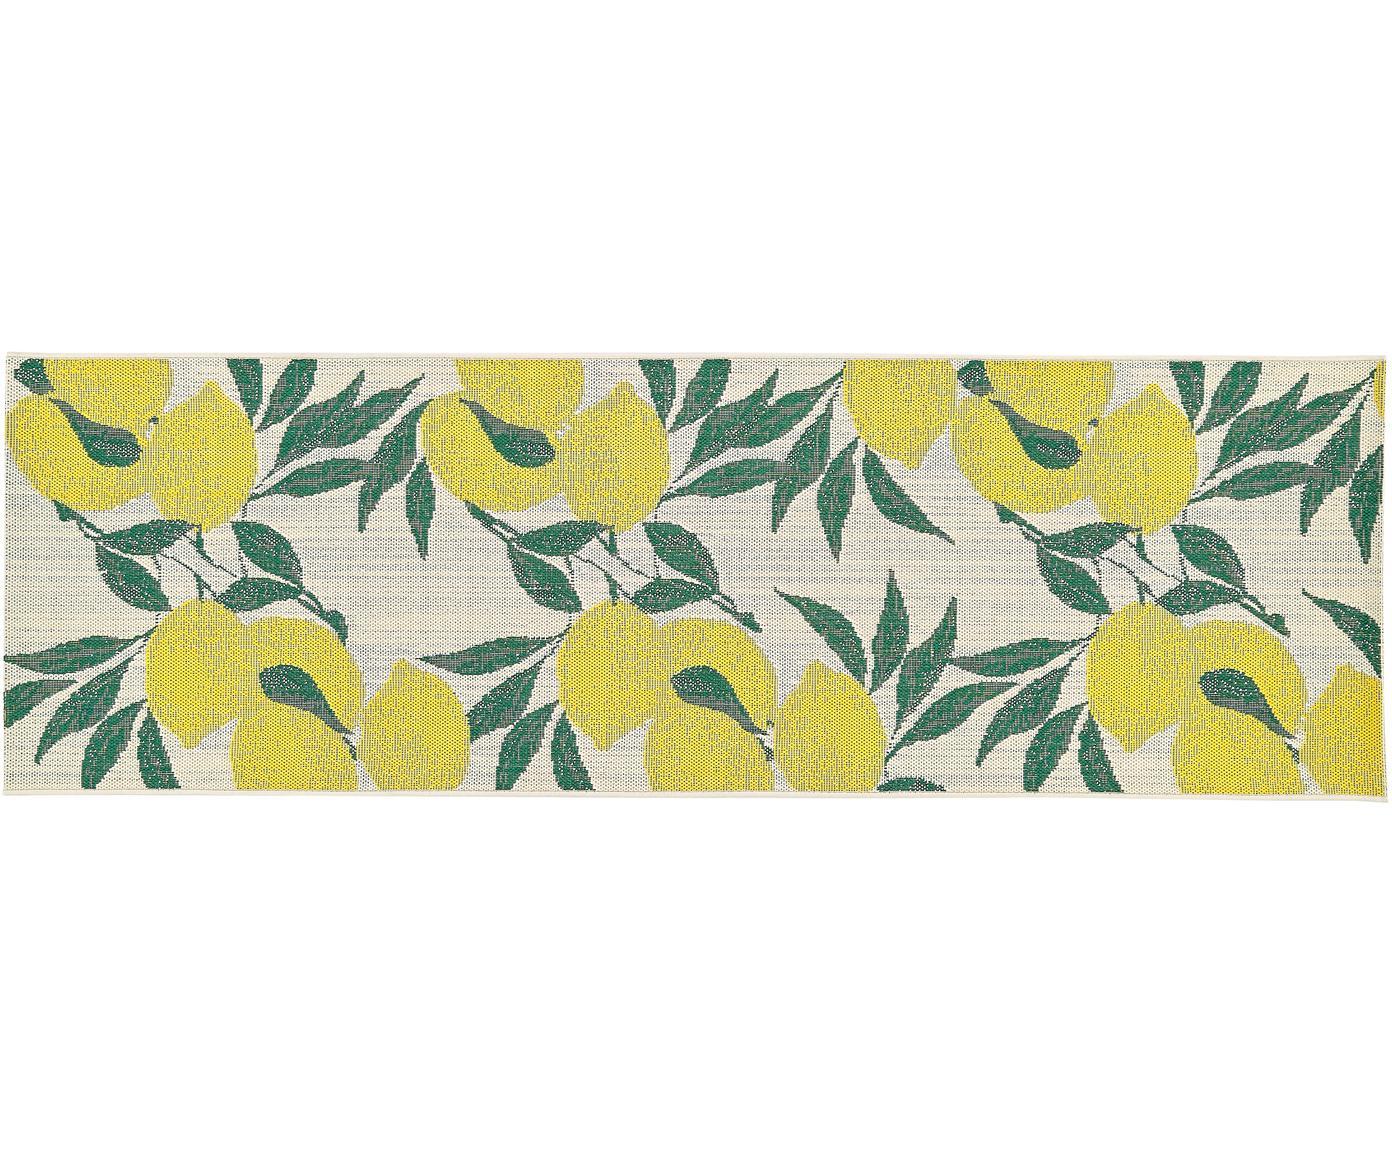 In- & Outdoor-Läufer Limonia mit Zitronen Print, Flor: 100% Polypropylen, Cremeweiss, Gelb, Grün, 80 x 250 cm